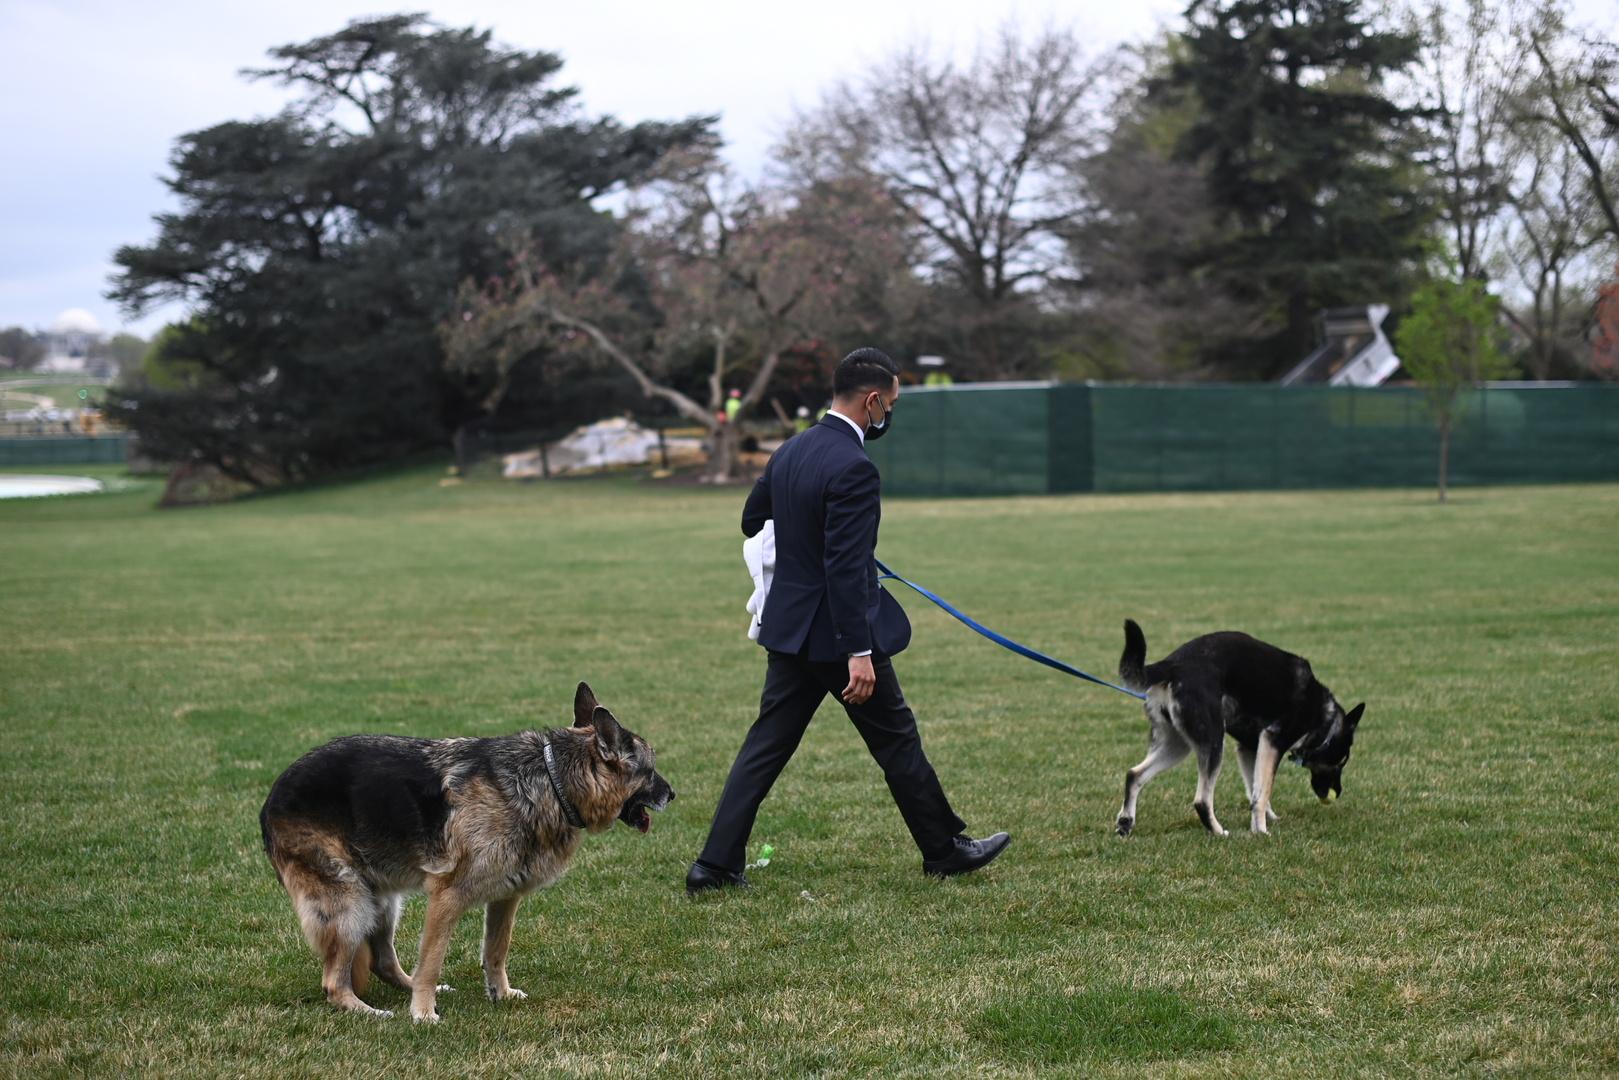 مرة جديدة كلاب بايدن تسبب مشكلة... كلب يقضي حاجته في أحد ممرات البيت الأبيض